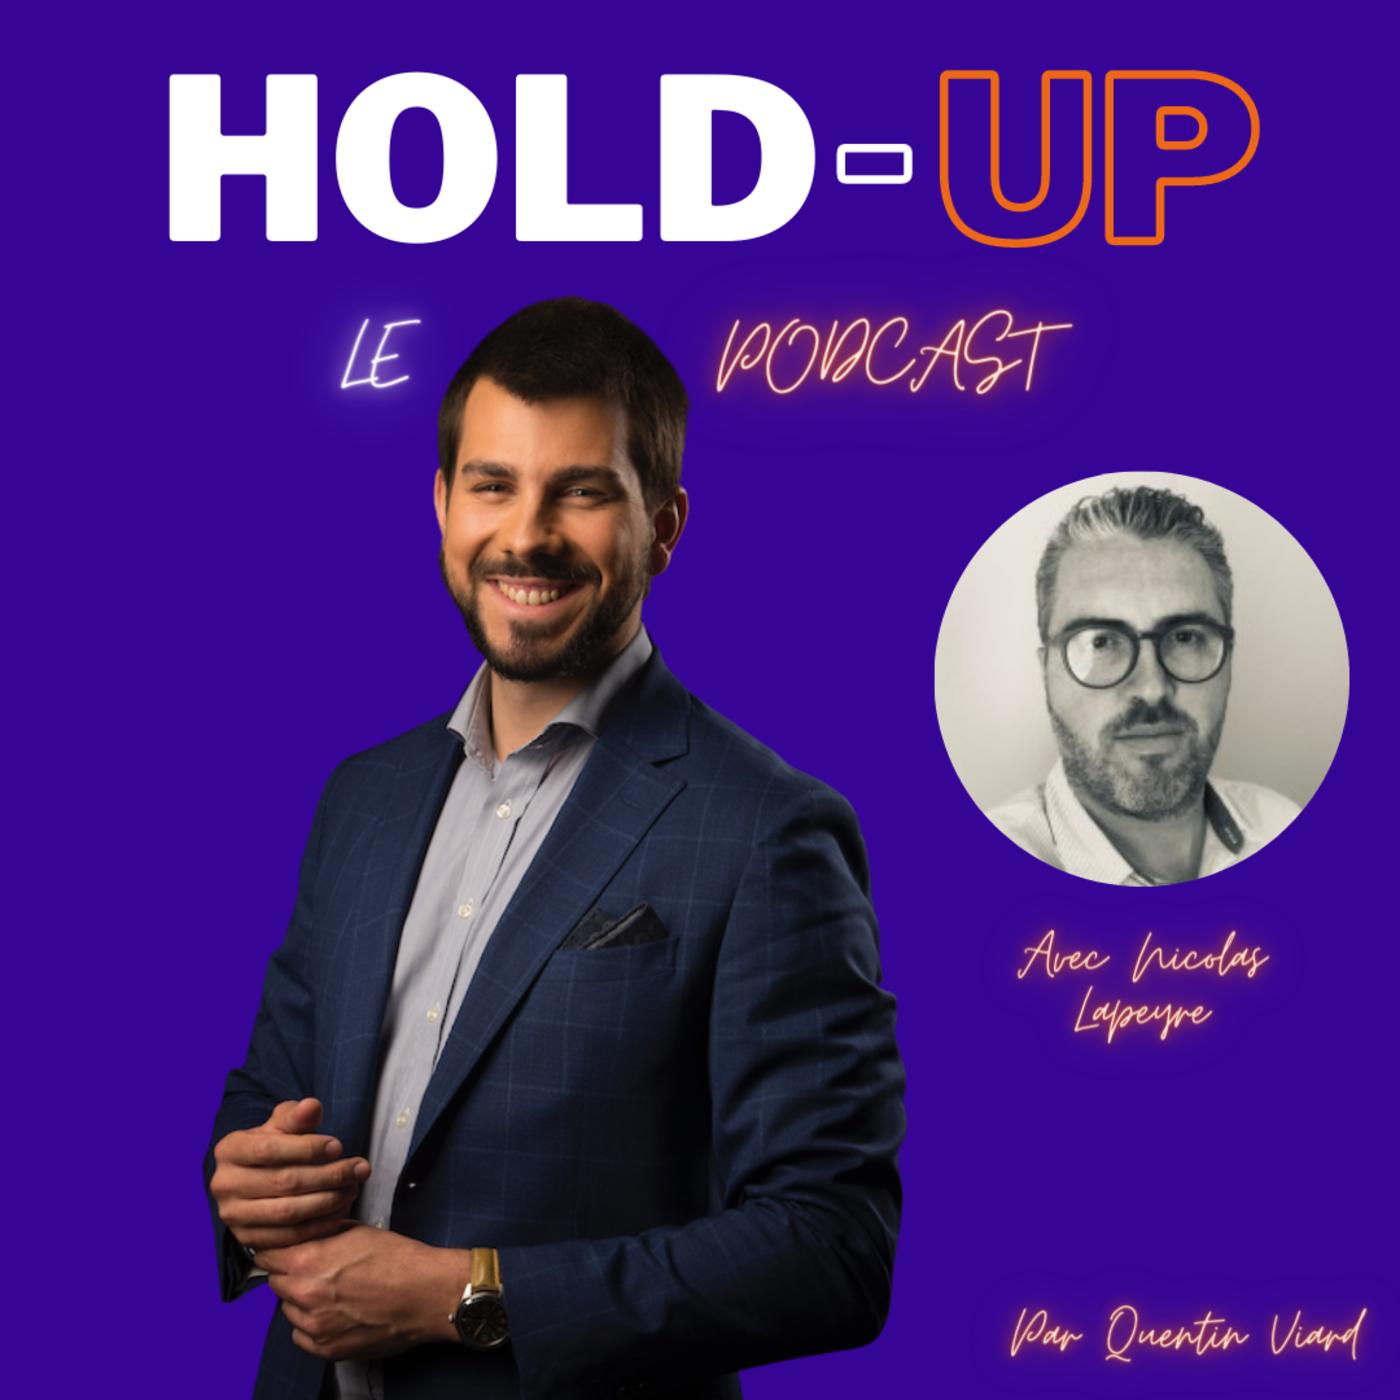 Interview 1 - Nicolas Lapeyre - Des Articles Pour Rendre La Banque Accessible